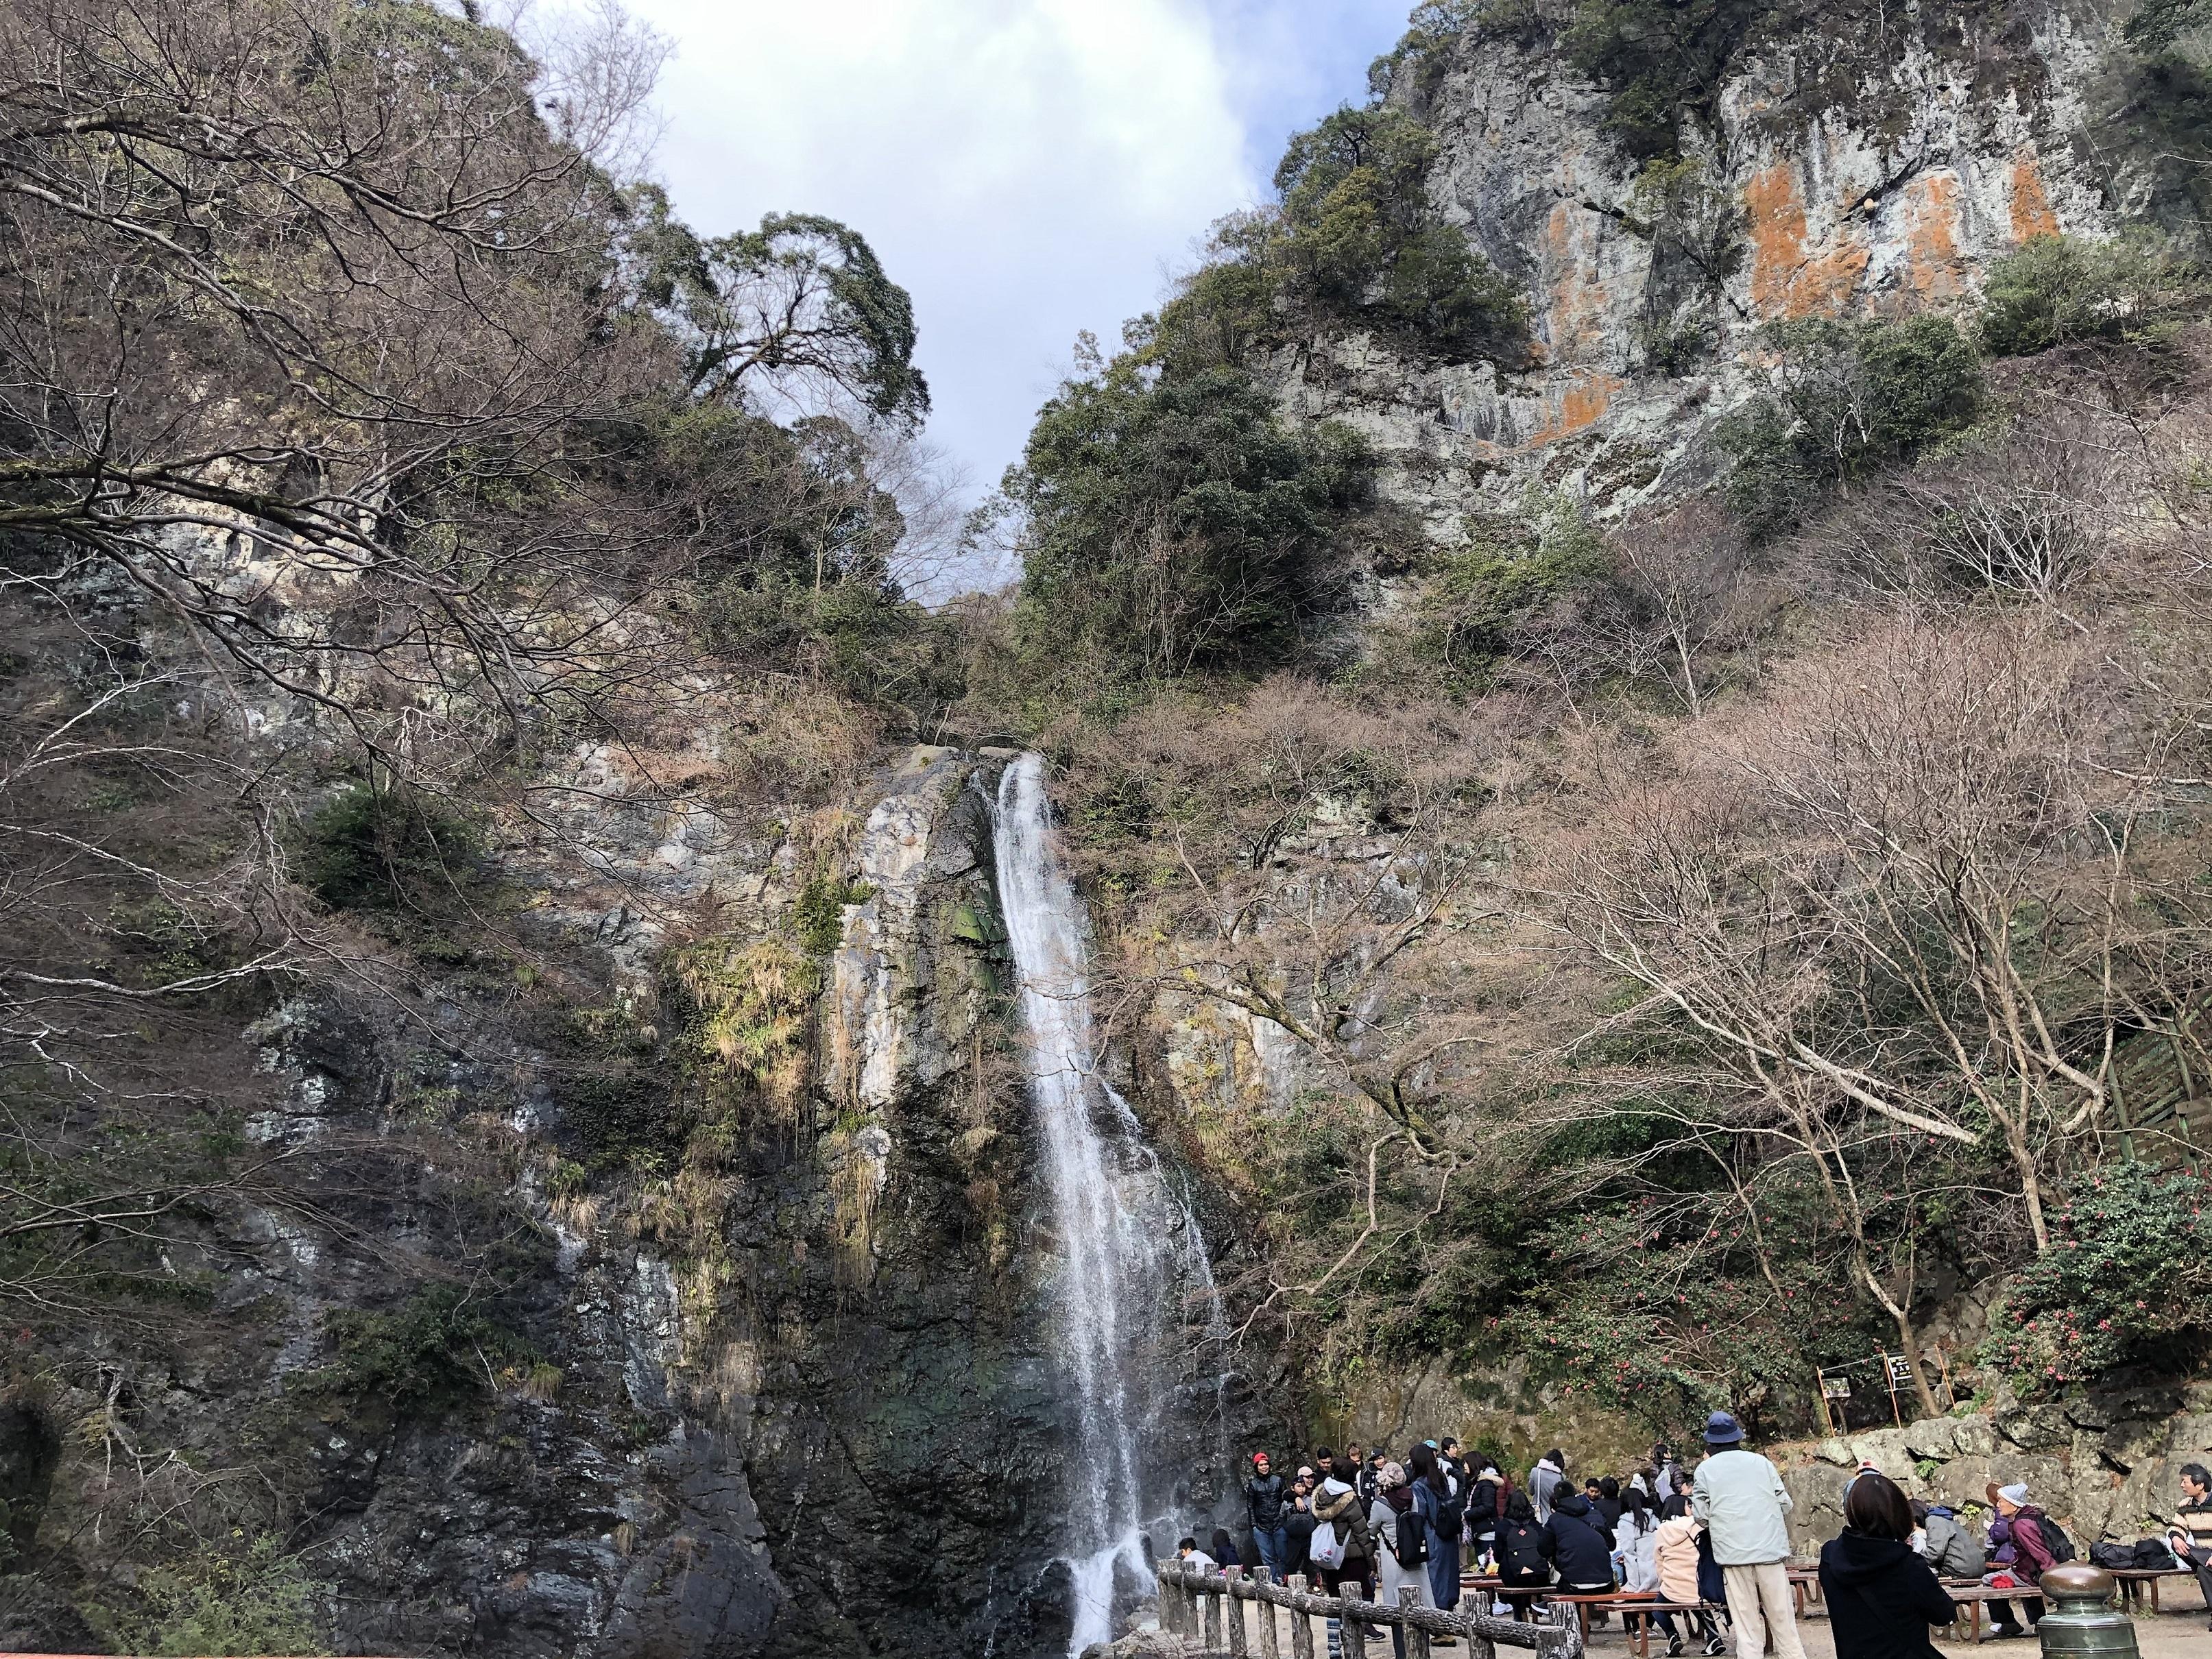 ぴーきち&ダイナ 箕面の滝ツーリング 箕面の大滝 全景